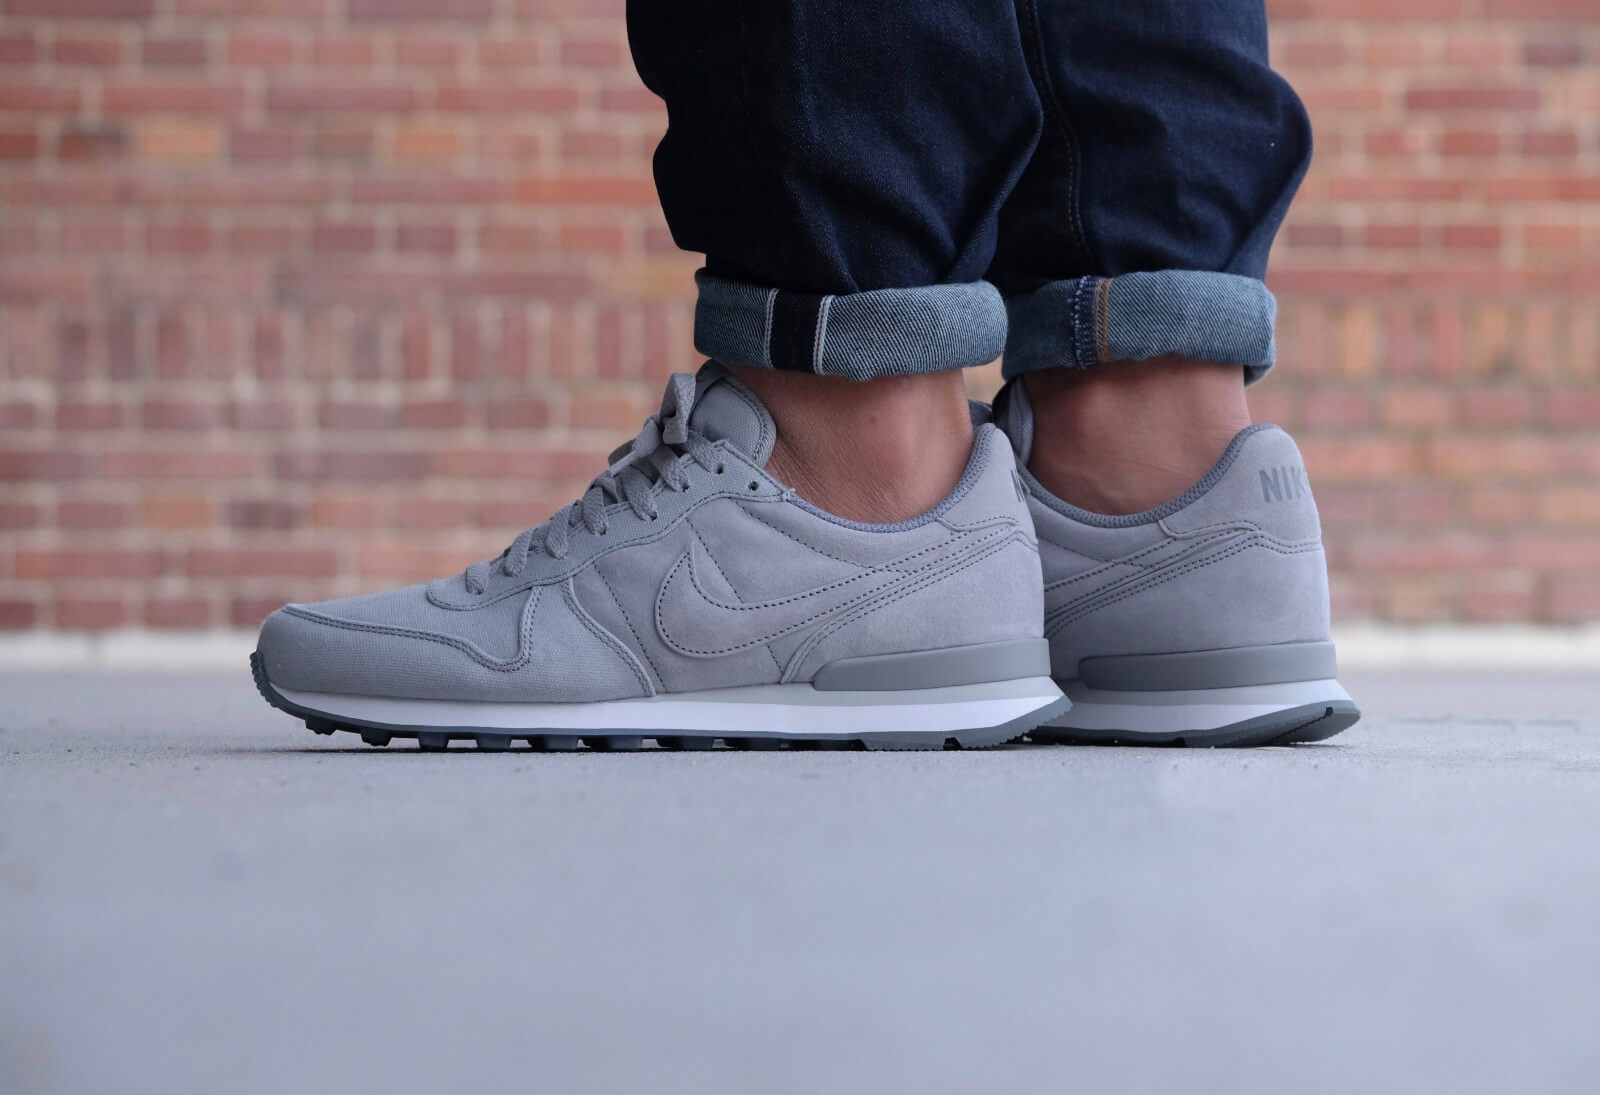 Nike Internationalist PRM Wolf Grey Cool Grey 828043 002